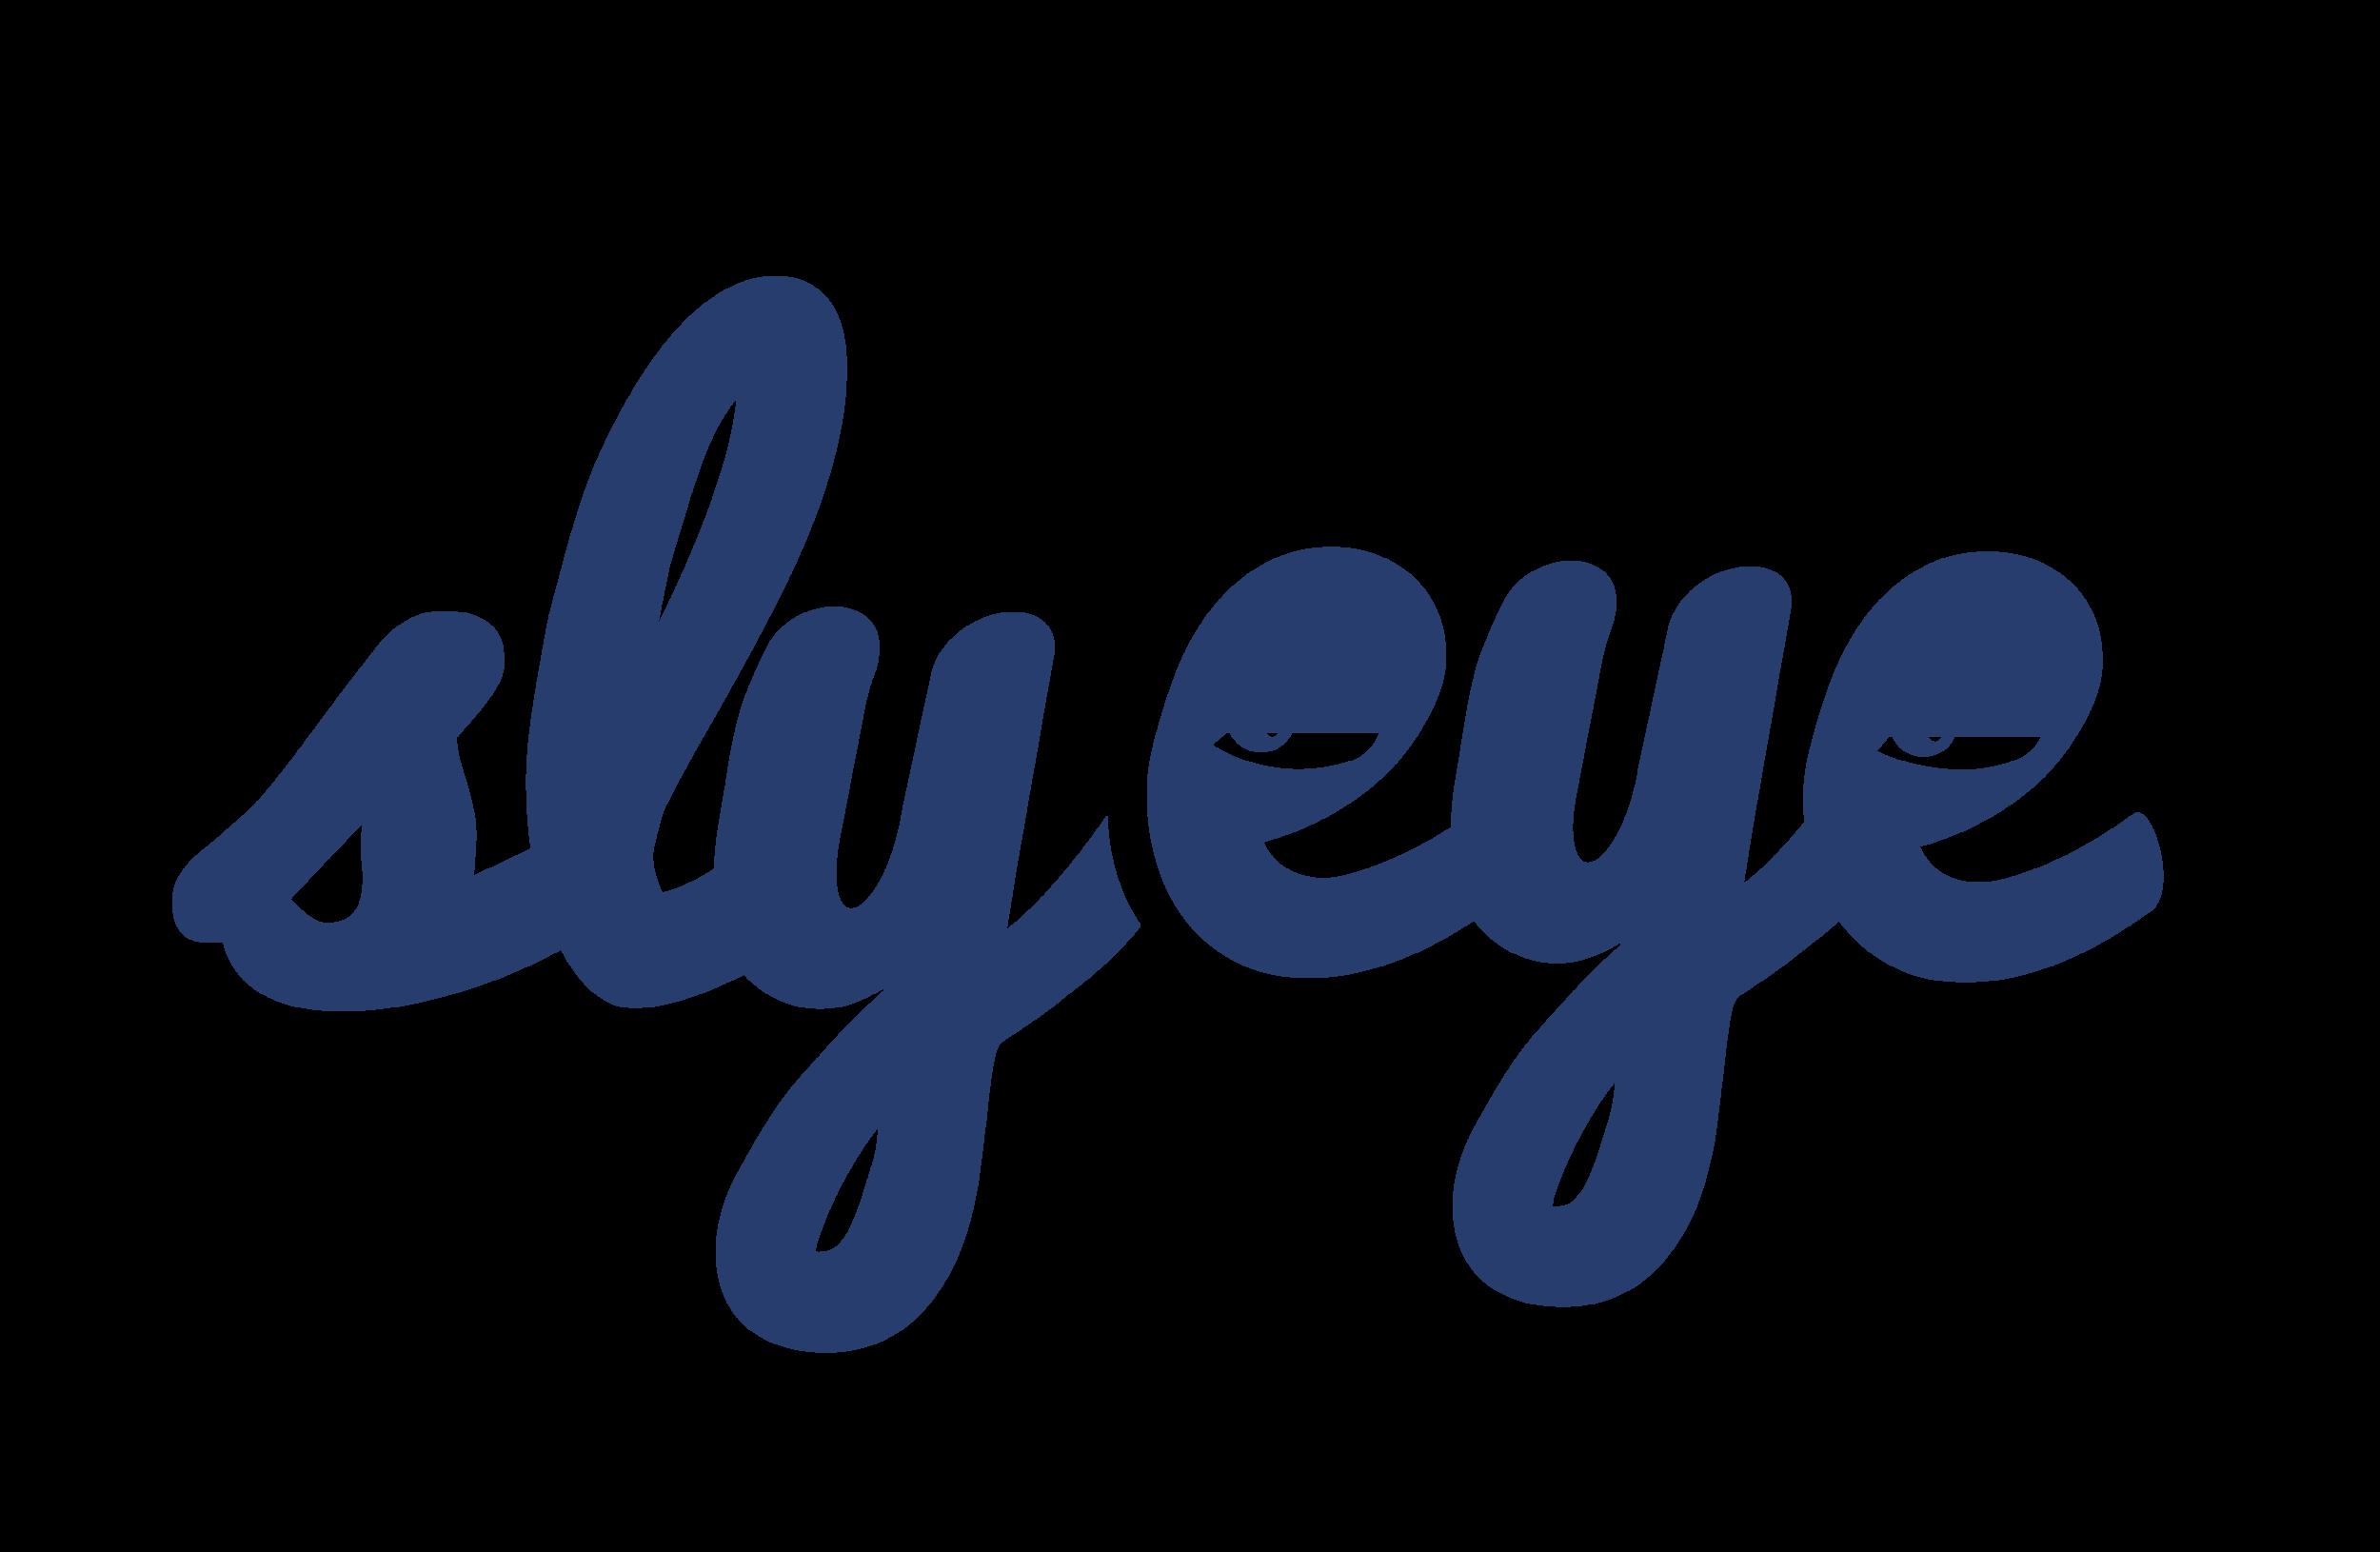 slyeye_logo_navy-02.png